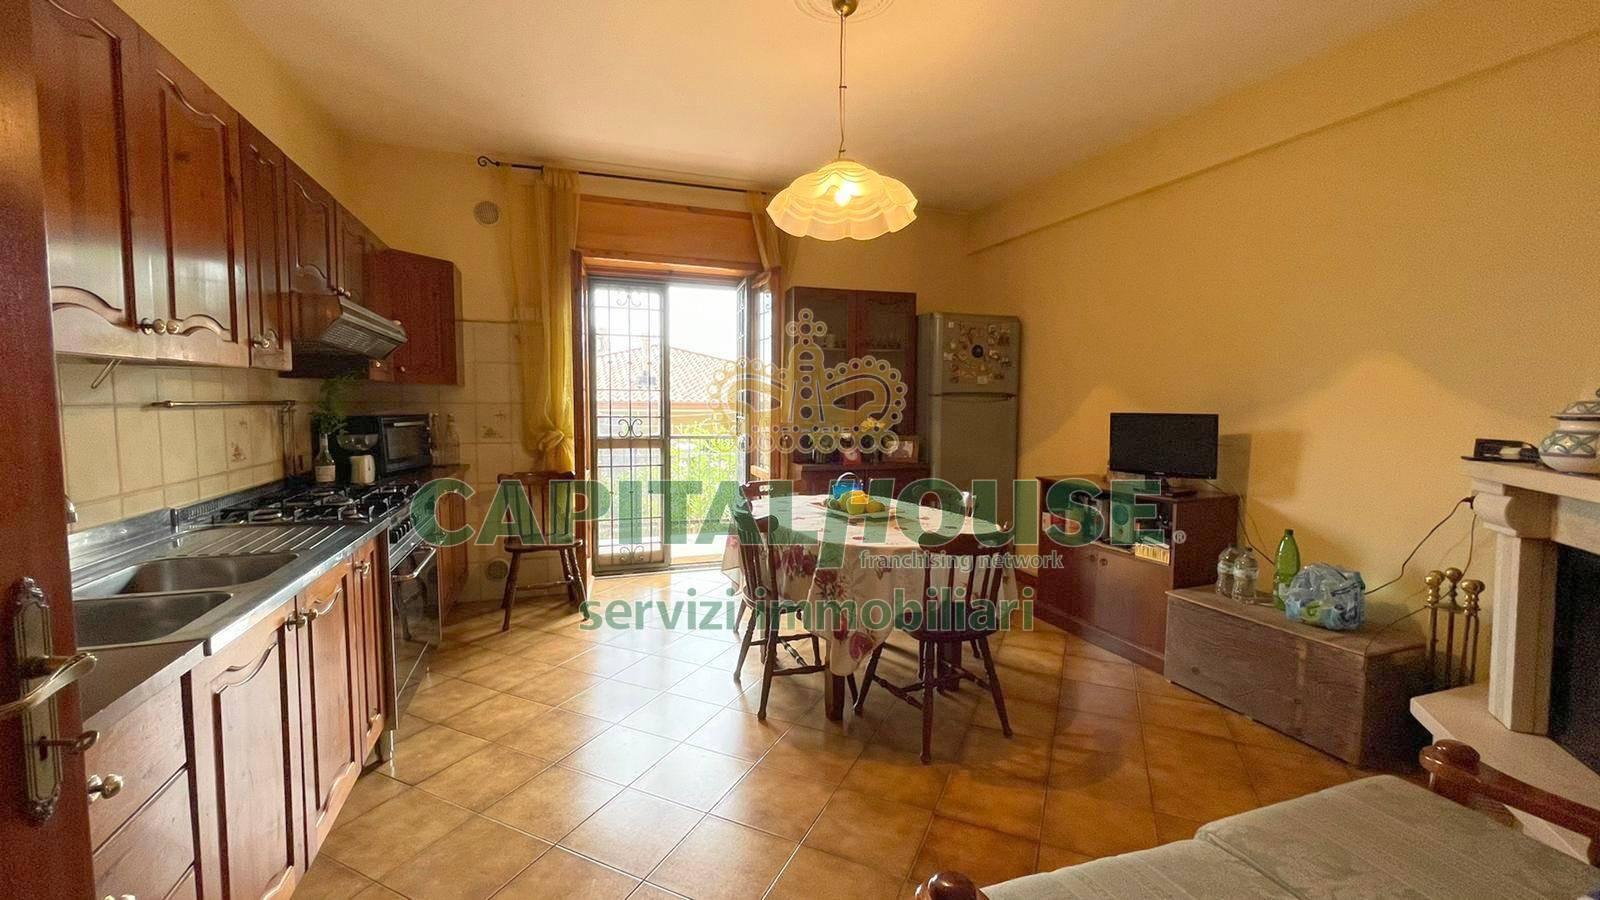 Appartamento in vendita a Monteforte Irpino, 3 locali, zona Zona: Alvanella, prezzo € 150.000   CambioCasa.it